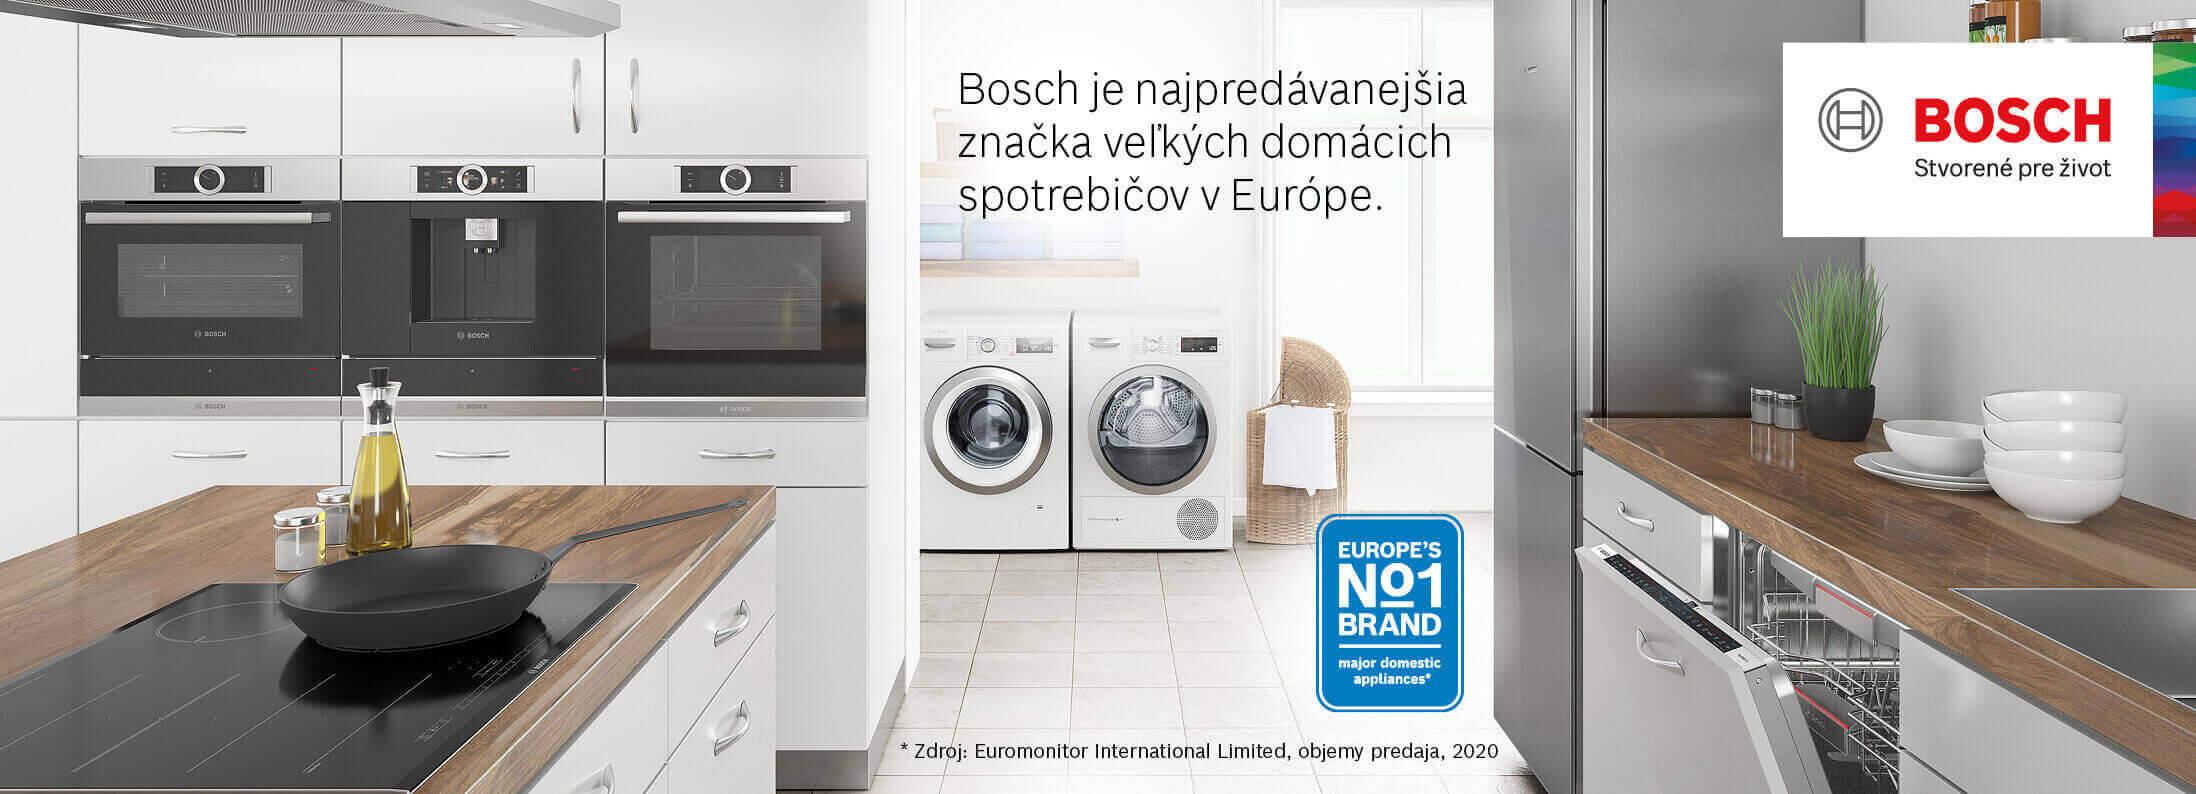 Bosch - Najpredávanejšia značka veľkých domácich spotrebičov v Európe